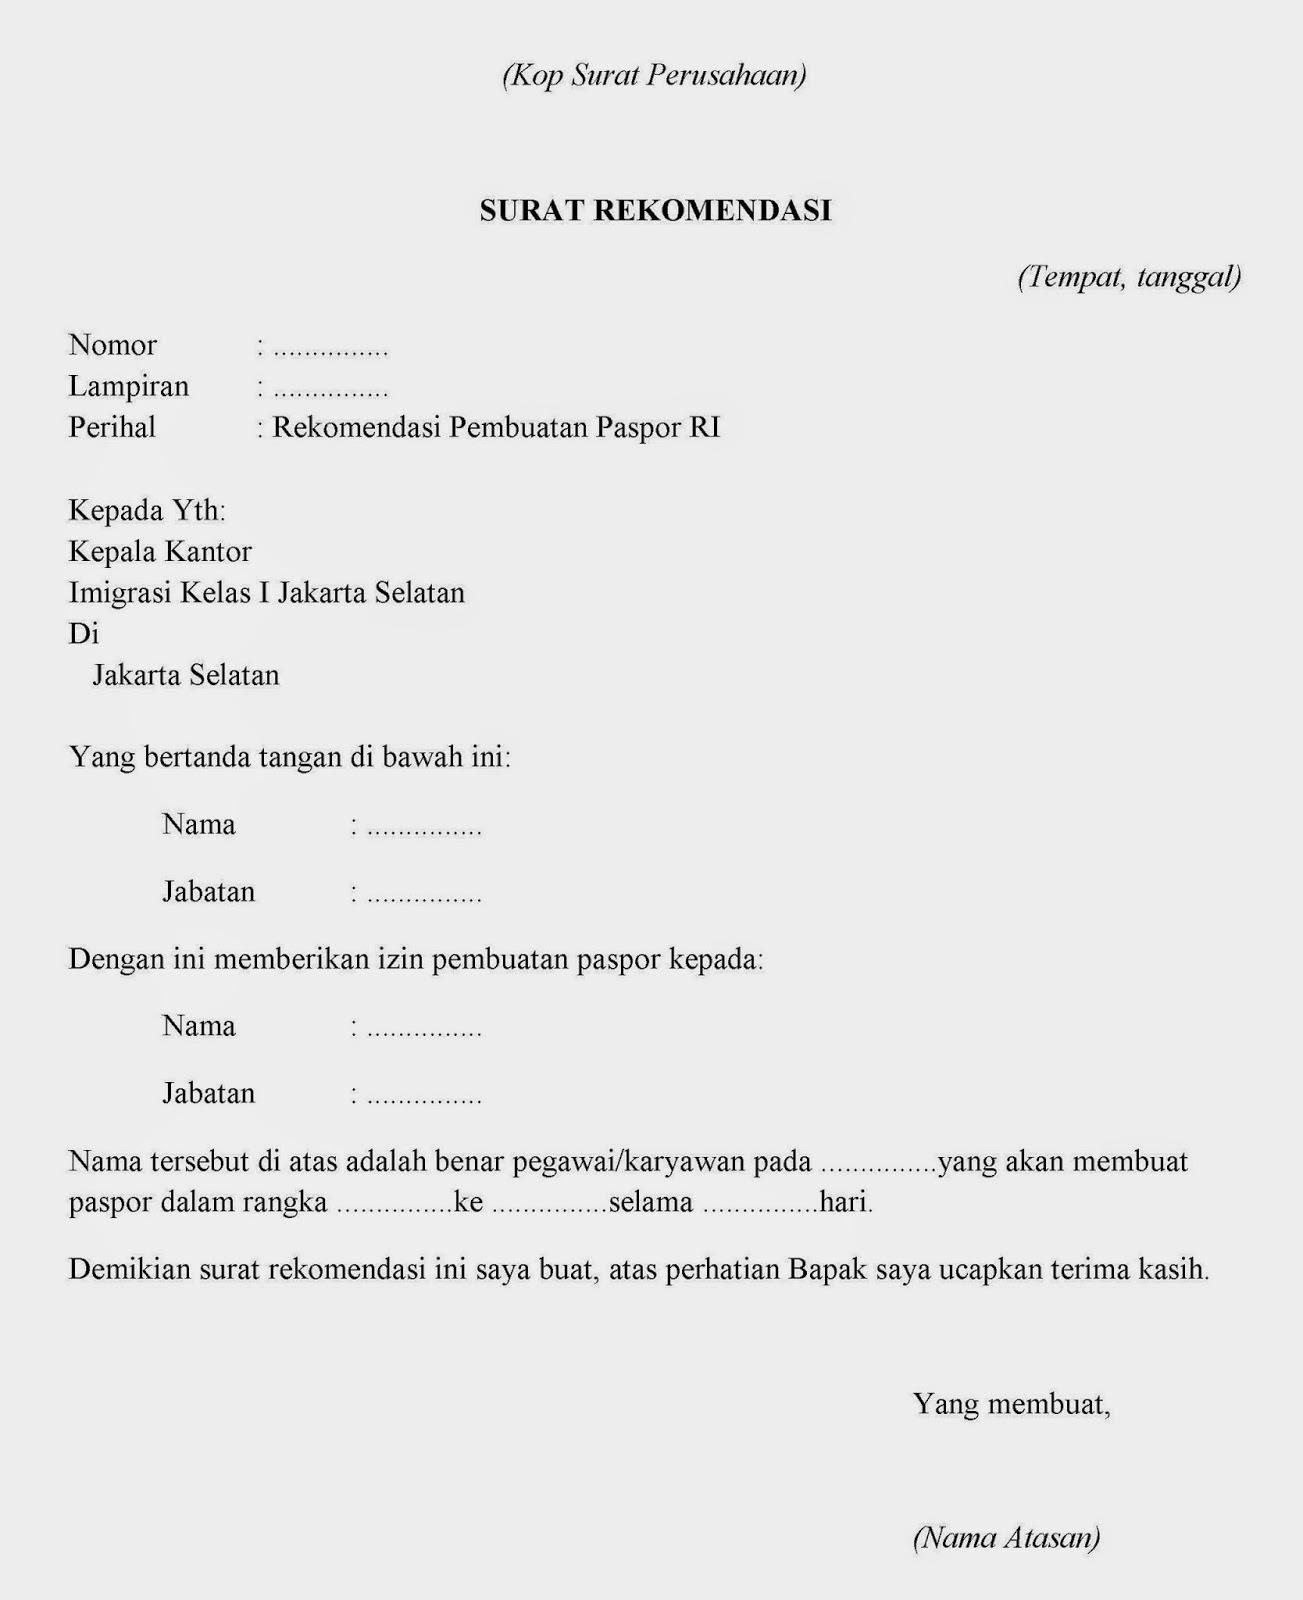 Contoh Surat Keterangan Kerja untuk Paspor